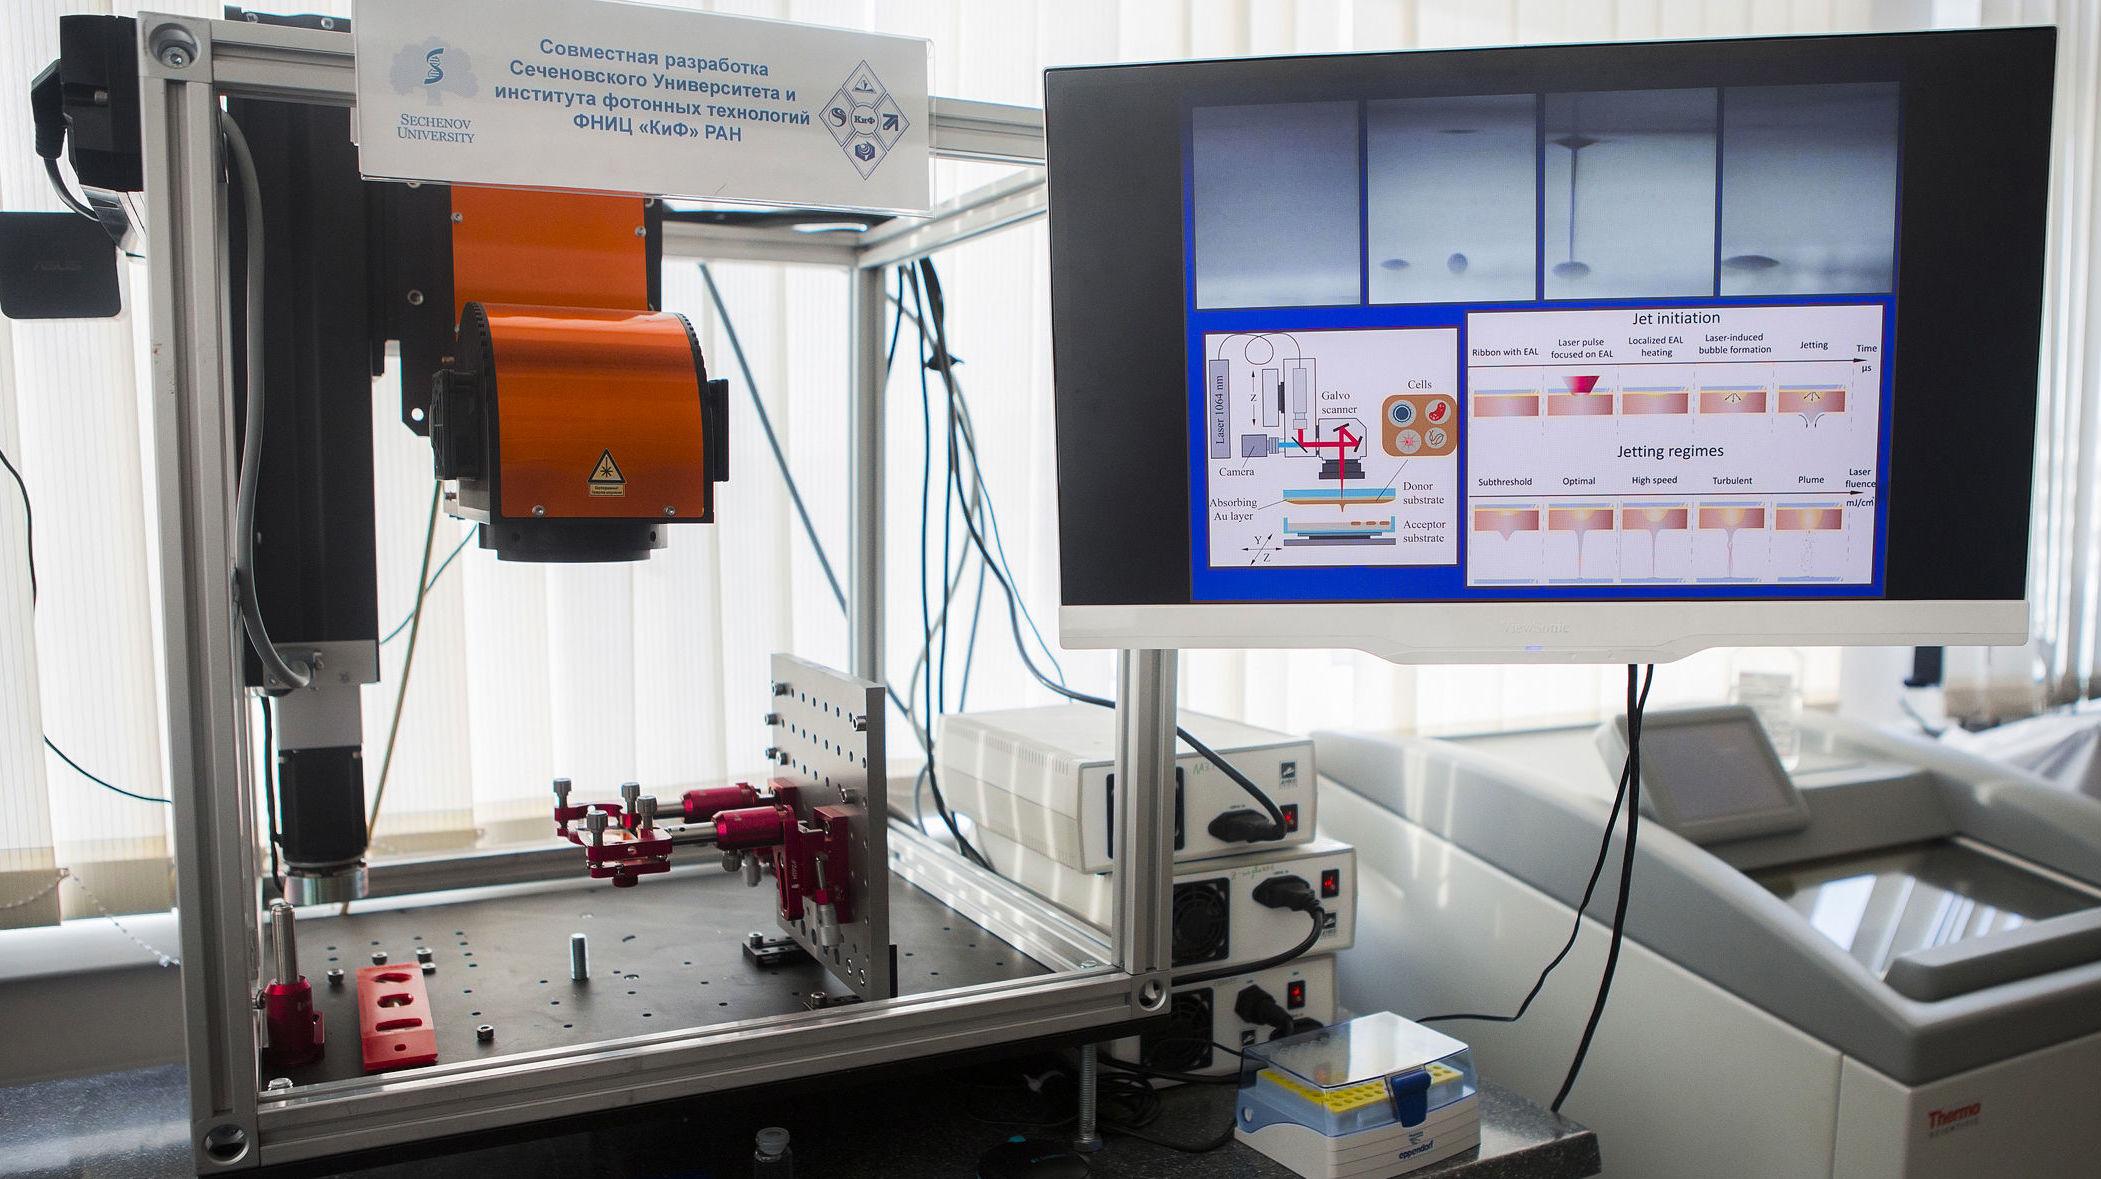 La bioimpresora diseñada en la Universidad Médica Séchenov con la visualización de los procesos en la pantalla